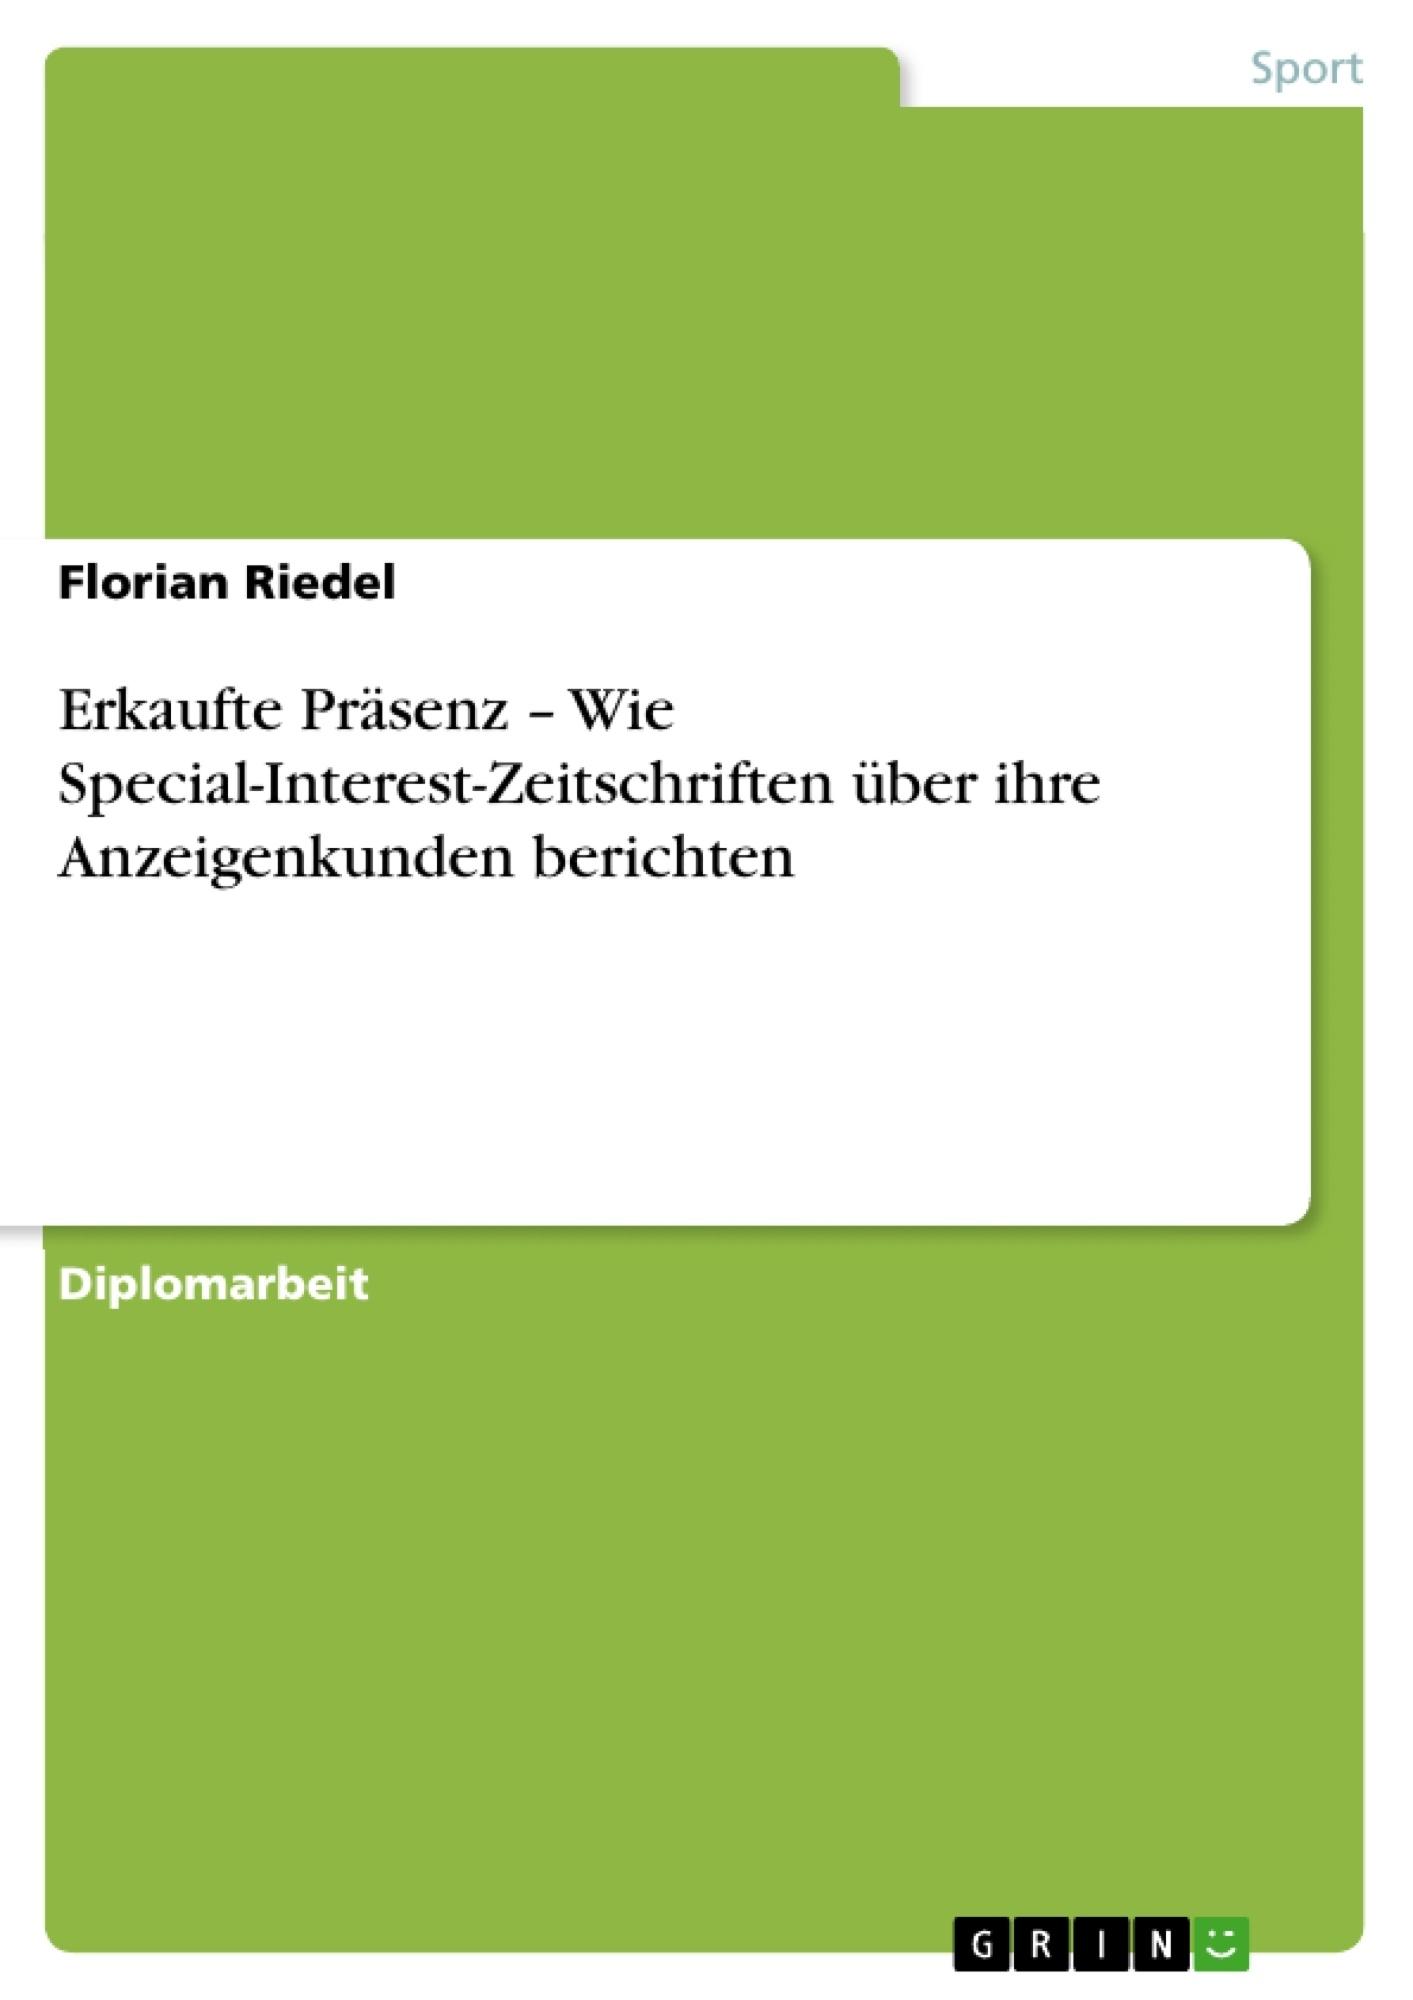 Titel: Erkaufte Präsenz – Wie Special-Interest-Zeitschriften über ihre Anzeigenkunden berichten